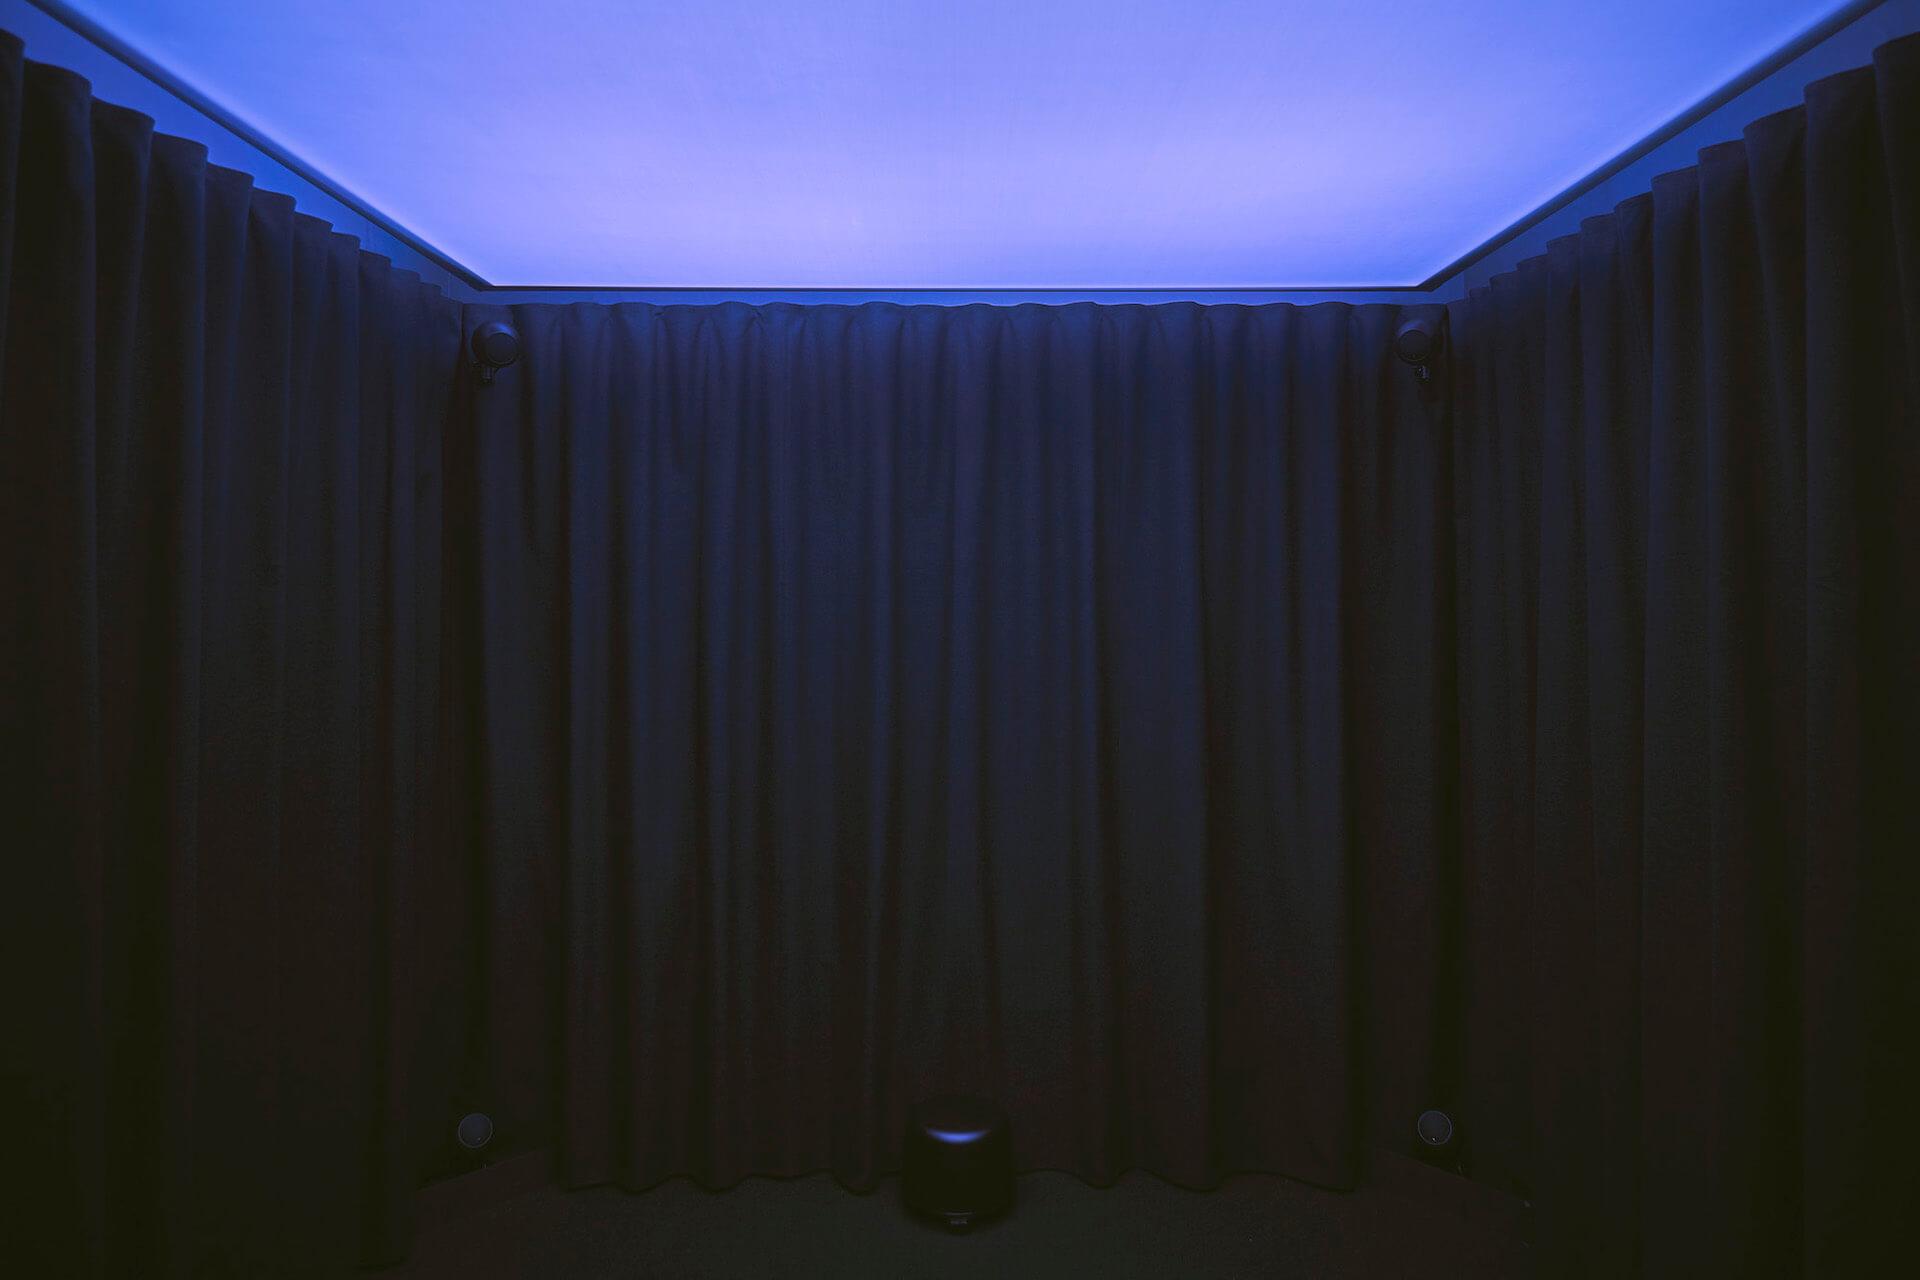 evalaによる最新作『Inter-Scape - Grass Calls』がGINZA SIX屋上に登場!「耳で視る」音のインスタレーションが公開中 art201209_evala-03